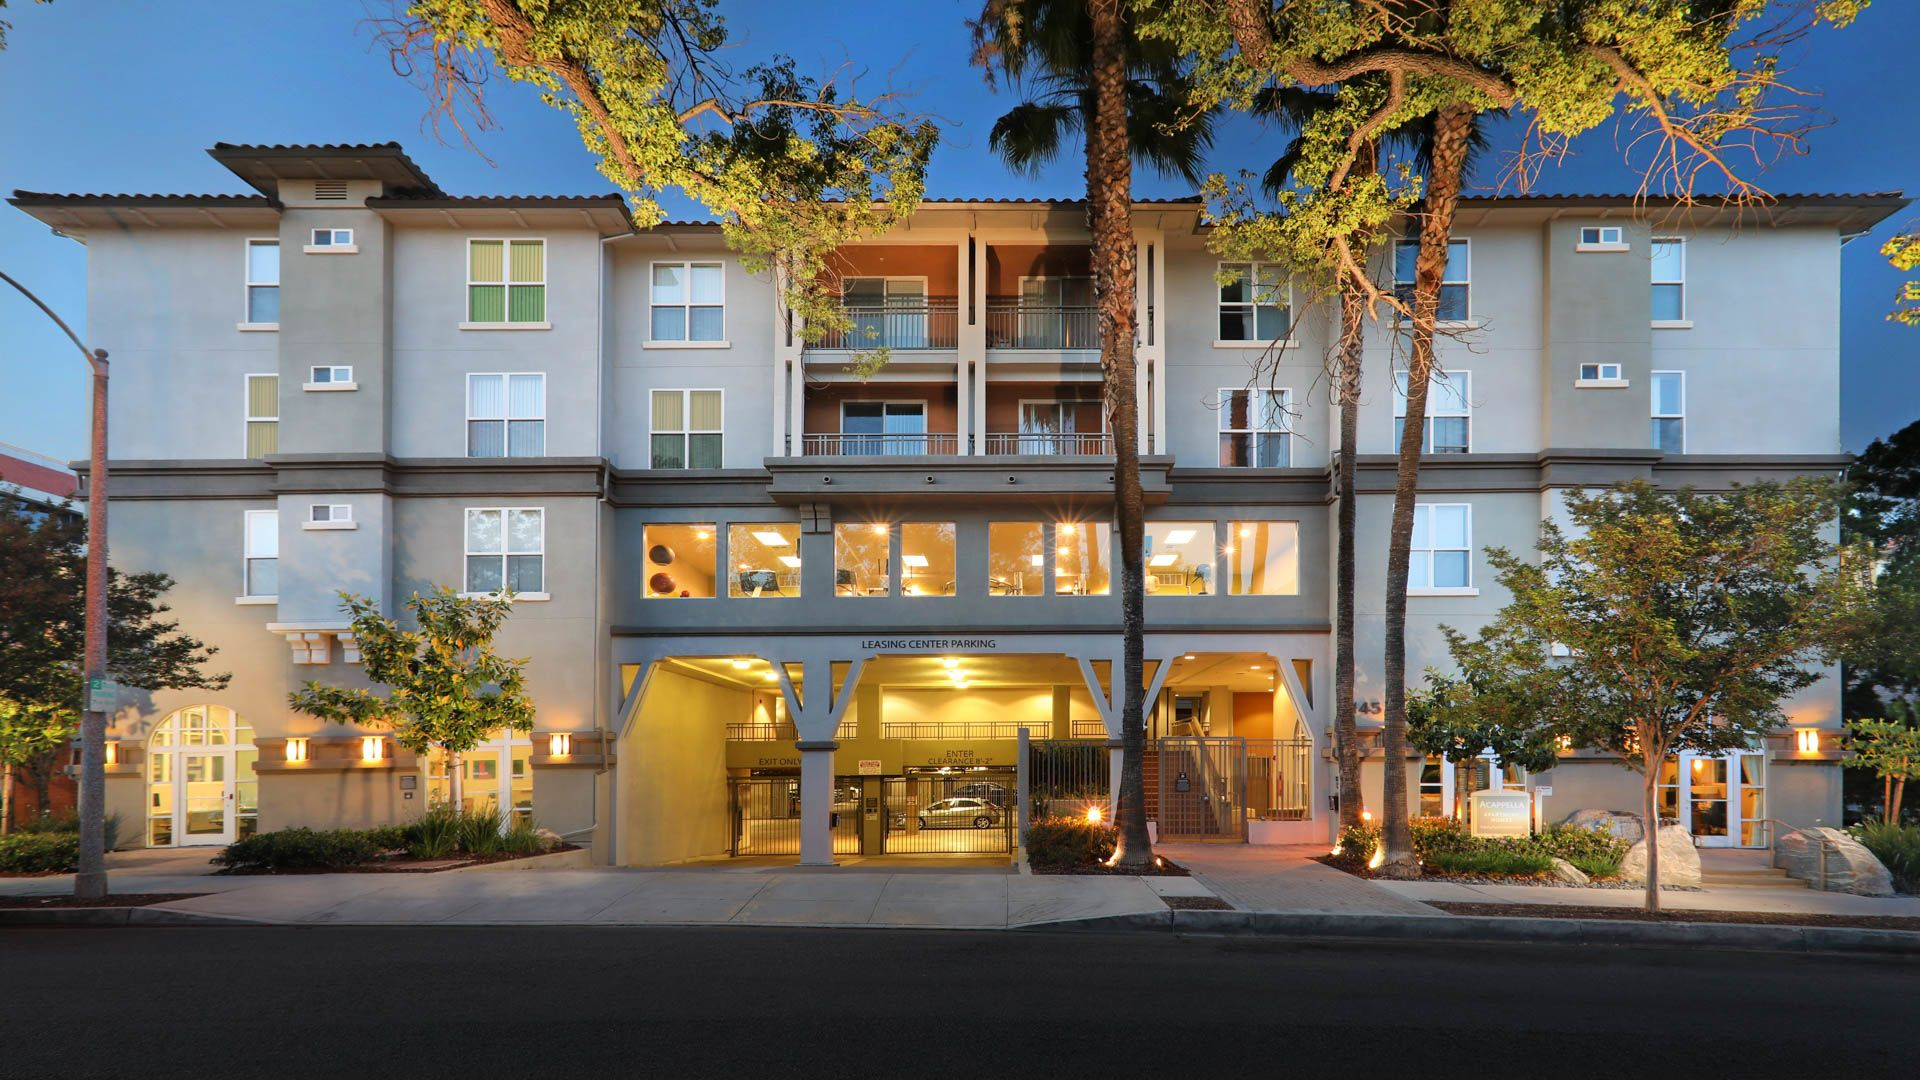 Acappella Pasadena Apartments - Exterior